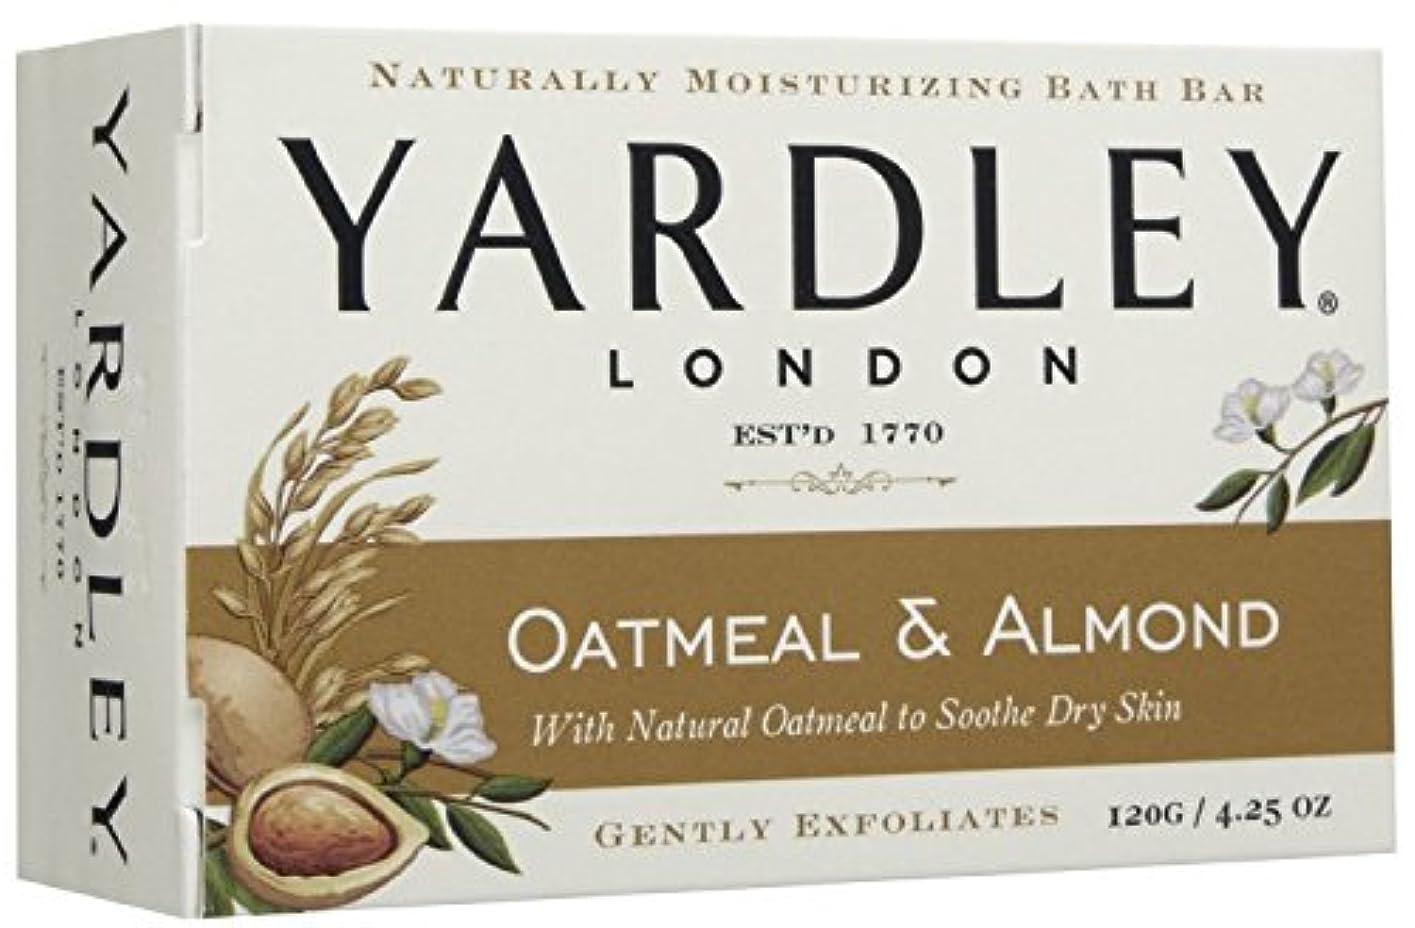 コーラス枢機卿同封するYardley London (ヤードリー ロンドン) オートミール&アーモンド モイスチャライズ バス ソープ 120g [並行輸入品]